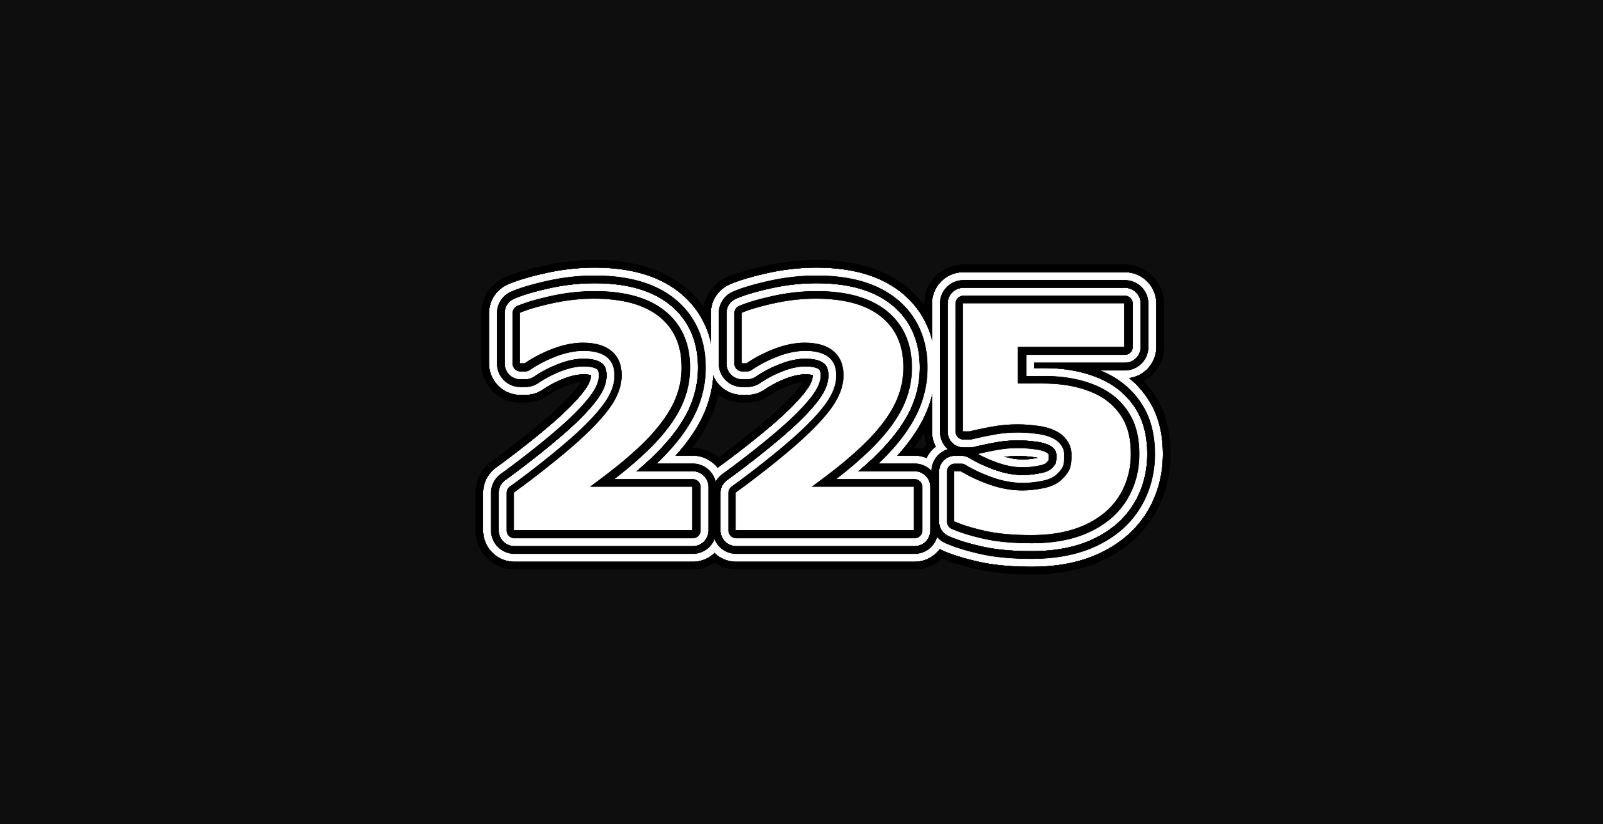 Significado do número 225